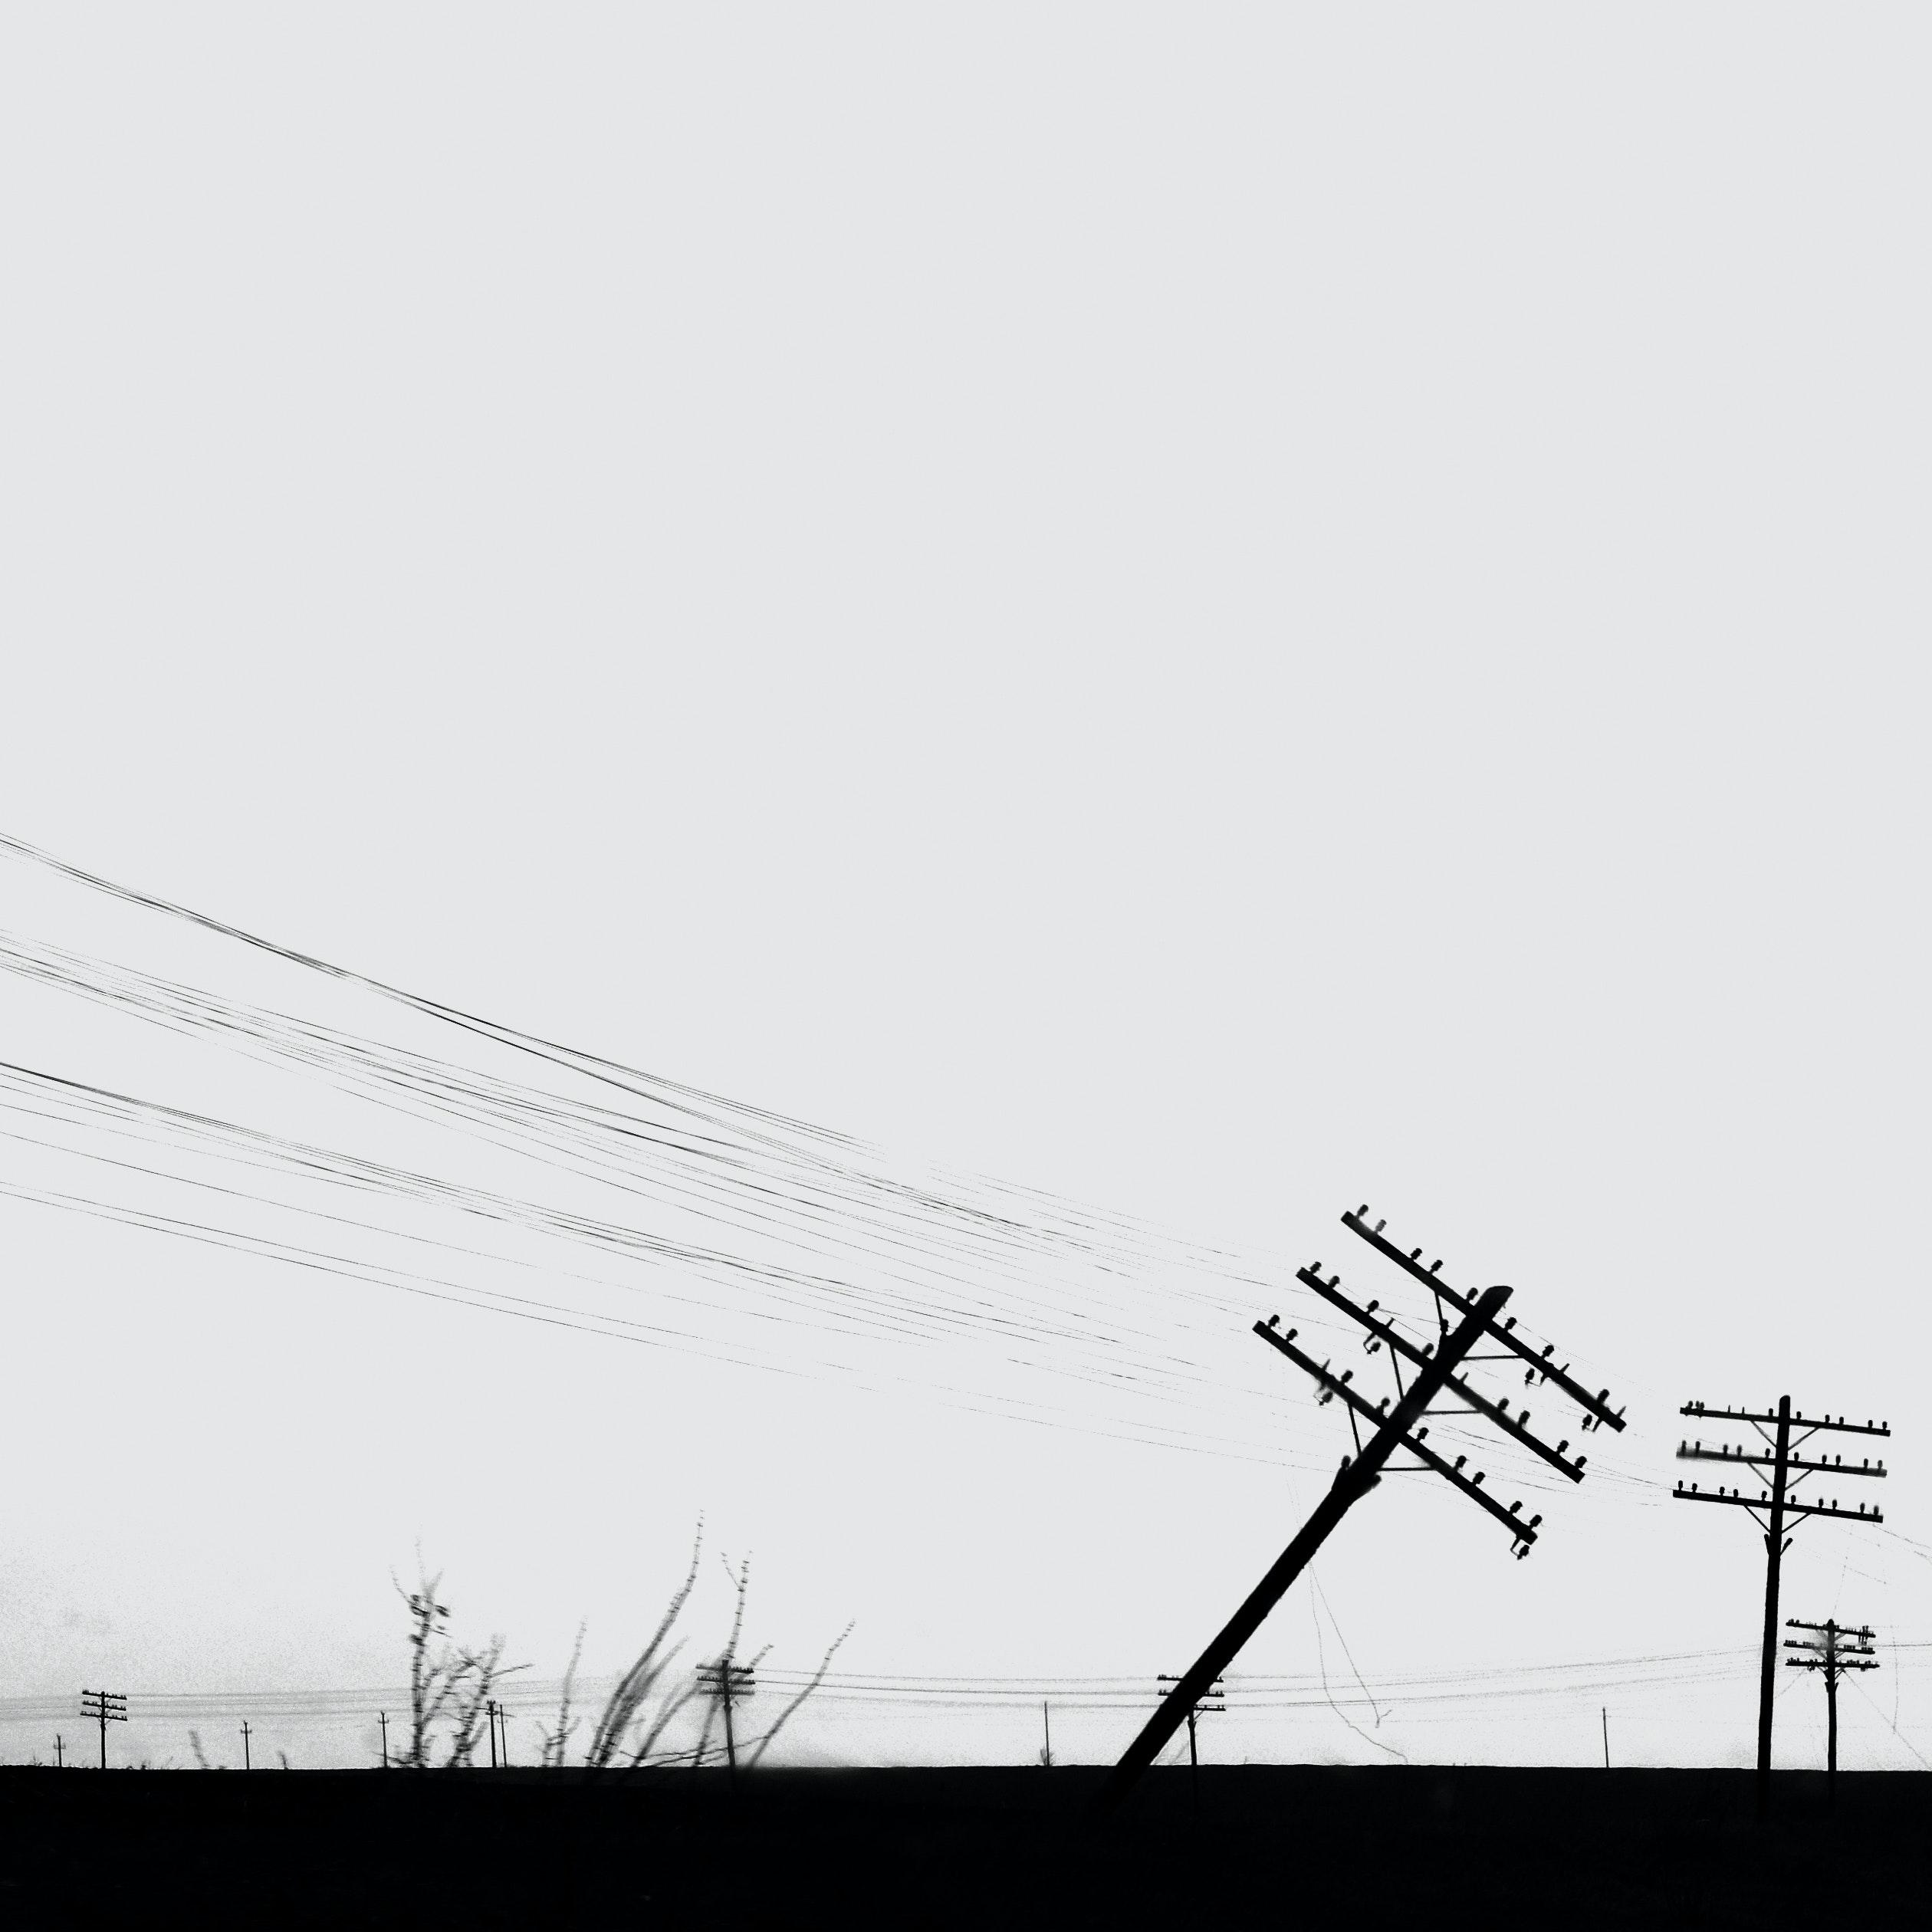 Wechselstrom symbolbild anzeichen burnout erkennen vermeiden.5a2eddc5c4d2567df38a2d0ef874834c0